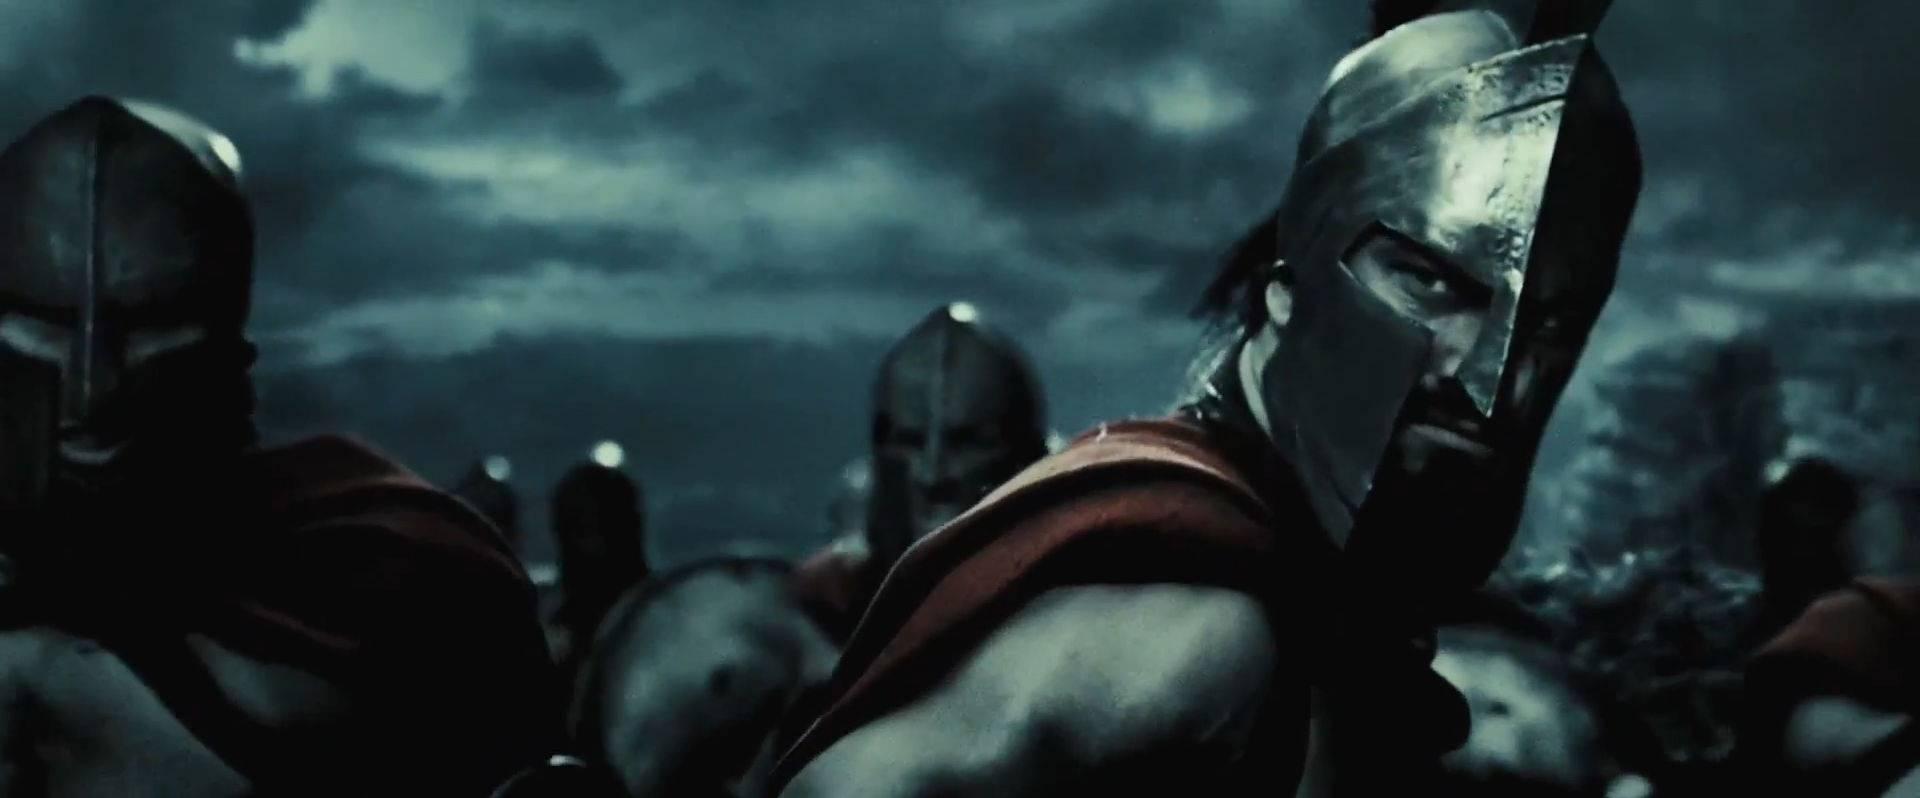 300 спартанцев Расцвет империи 2013 смотреть онлайн в